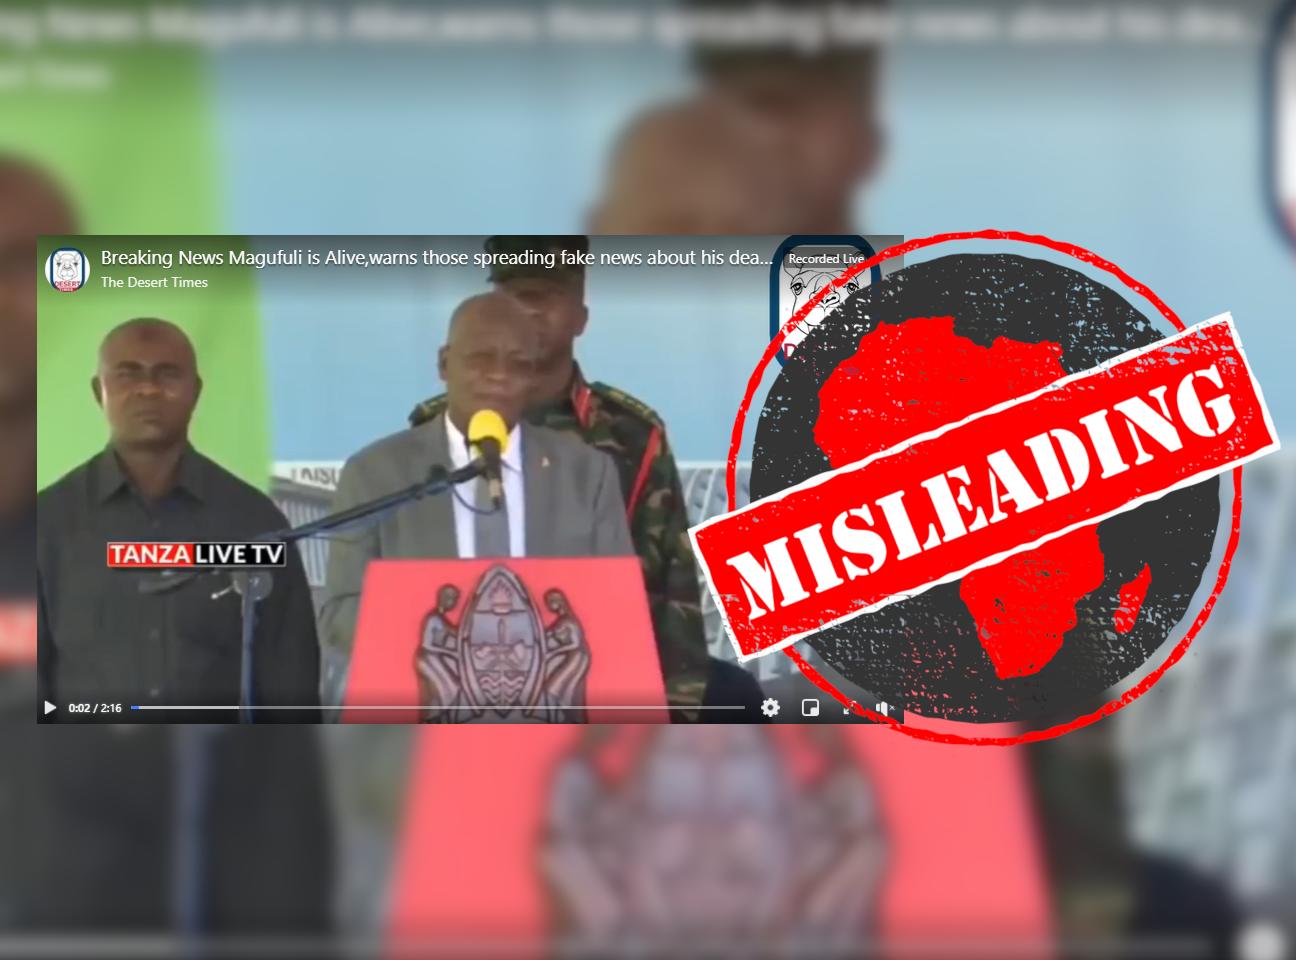 Magufuli_Misleading